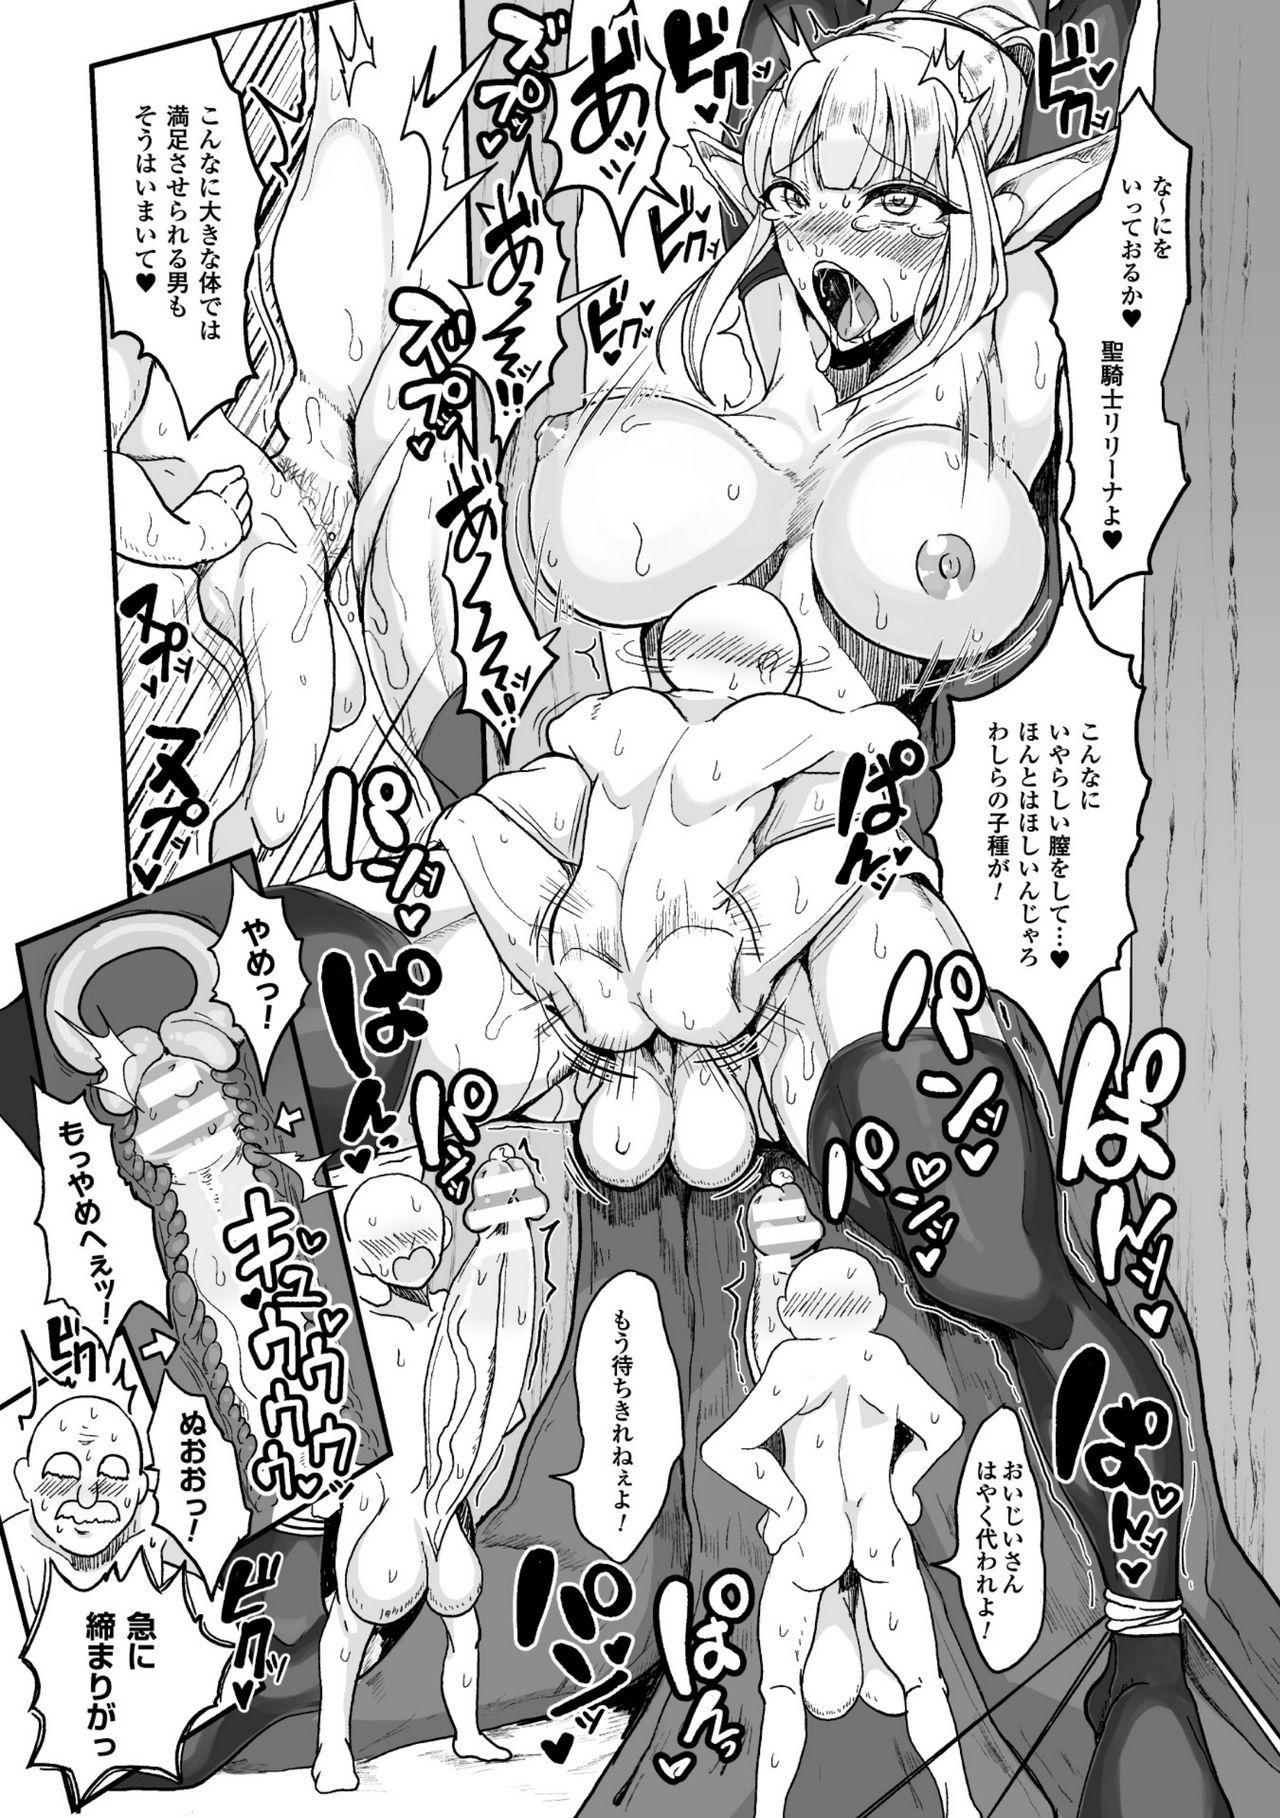 Koubi wa Mechakucha Kimochi Ii - Mating feels really good 192